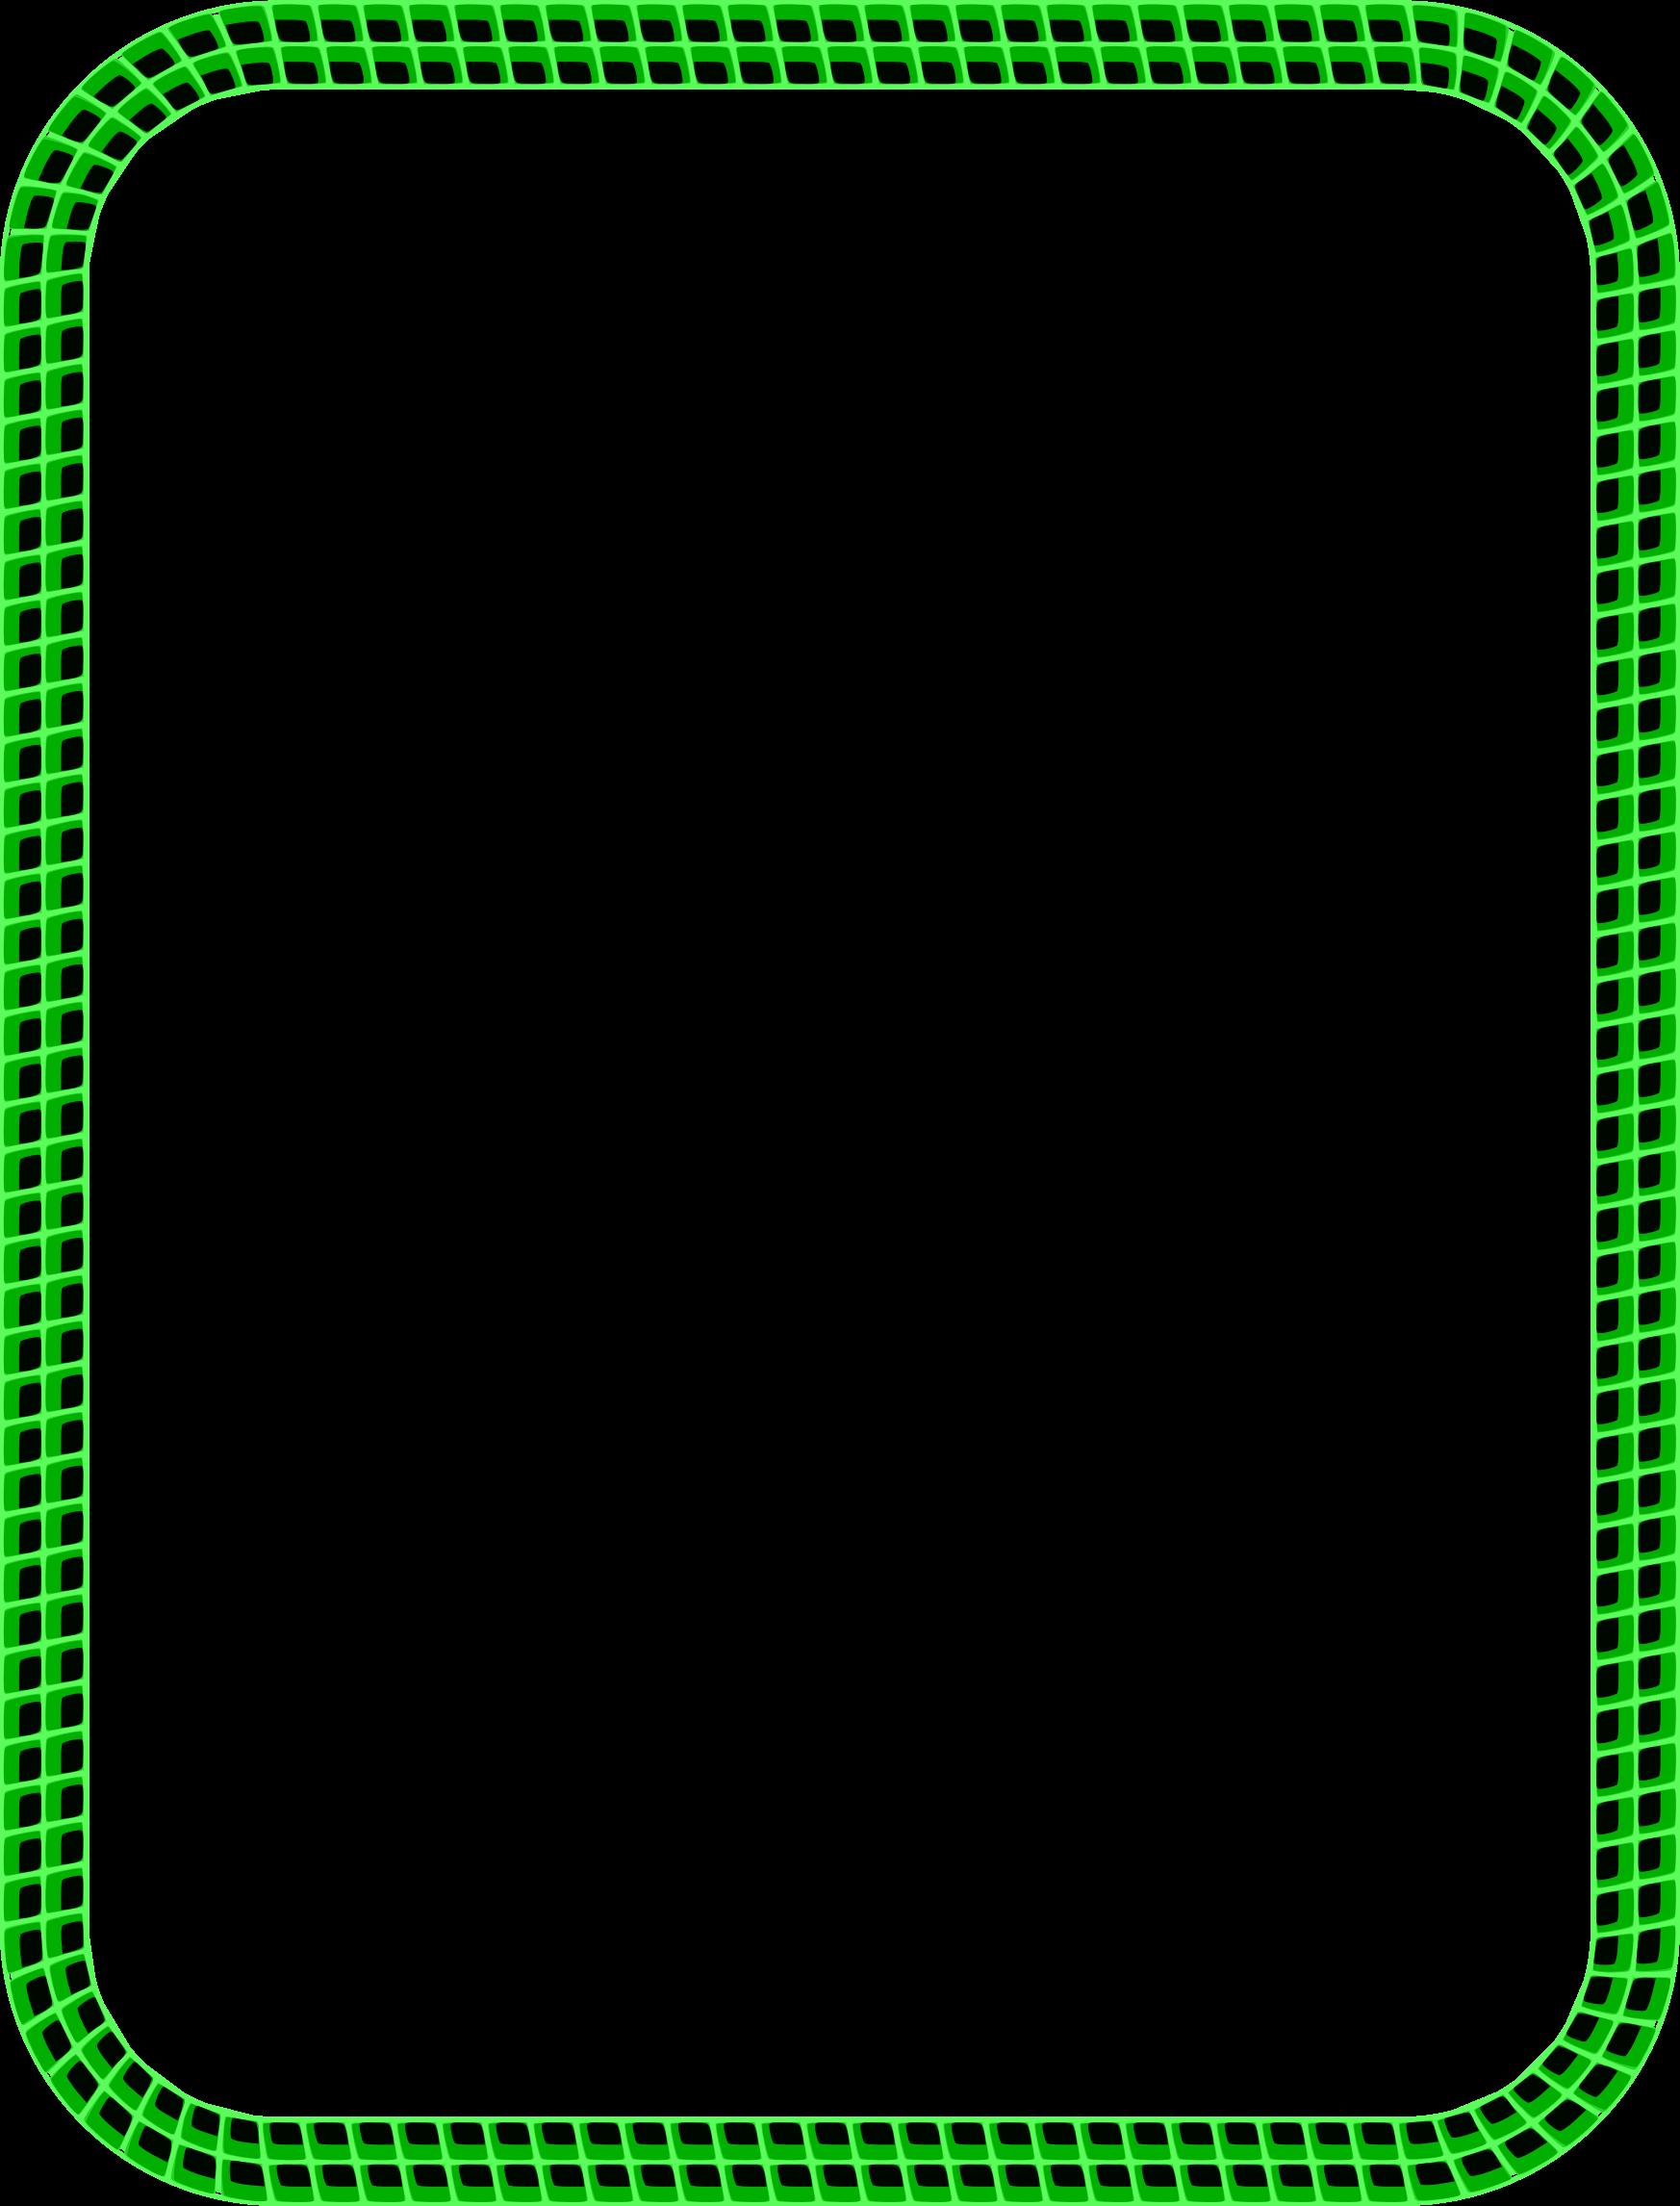 3d people clipart border picture transparent library Clipart - 3D Grid Border picture transparent library